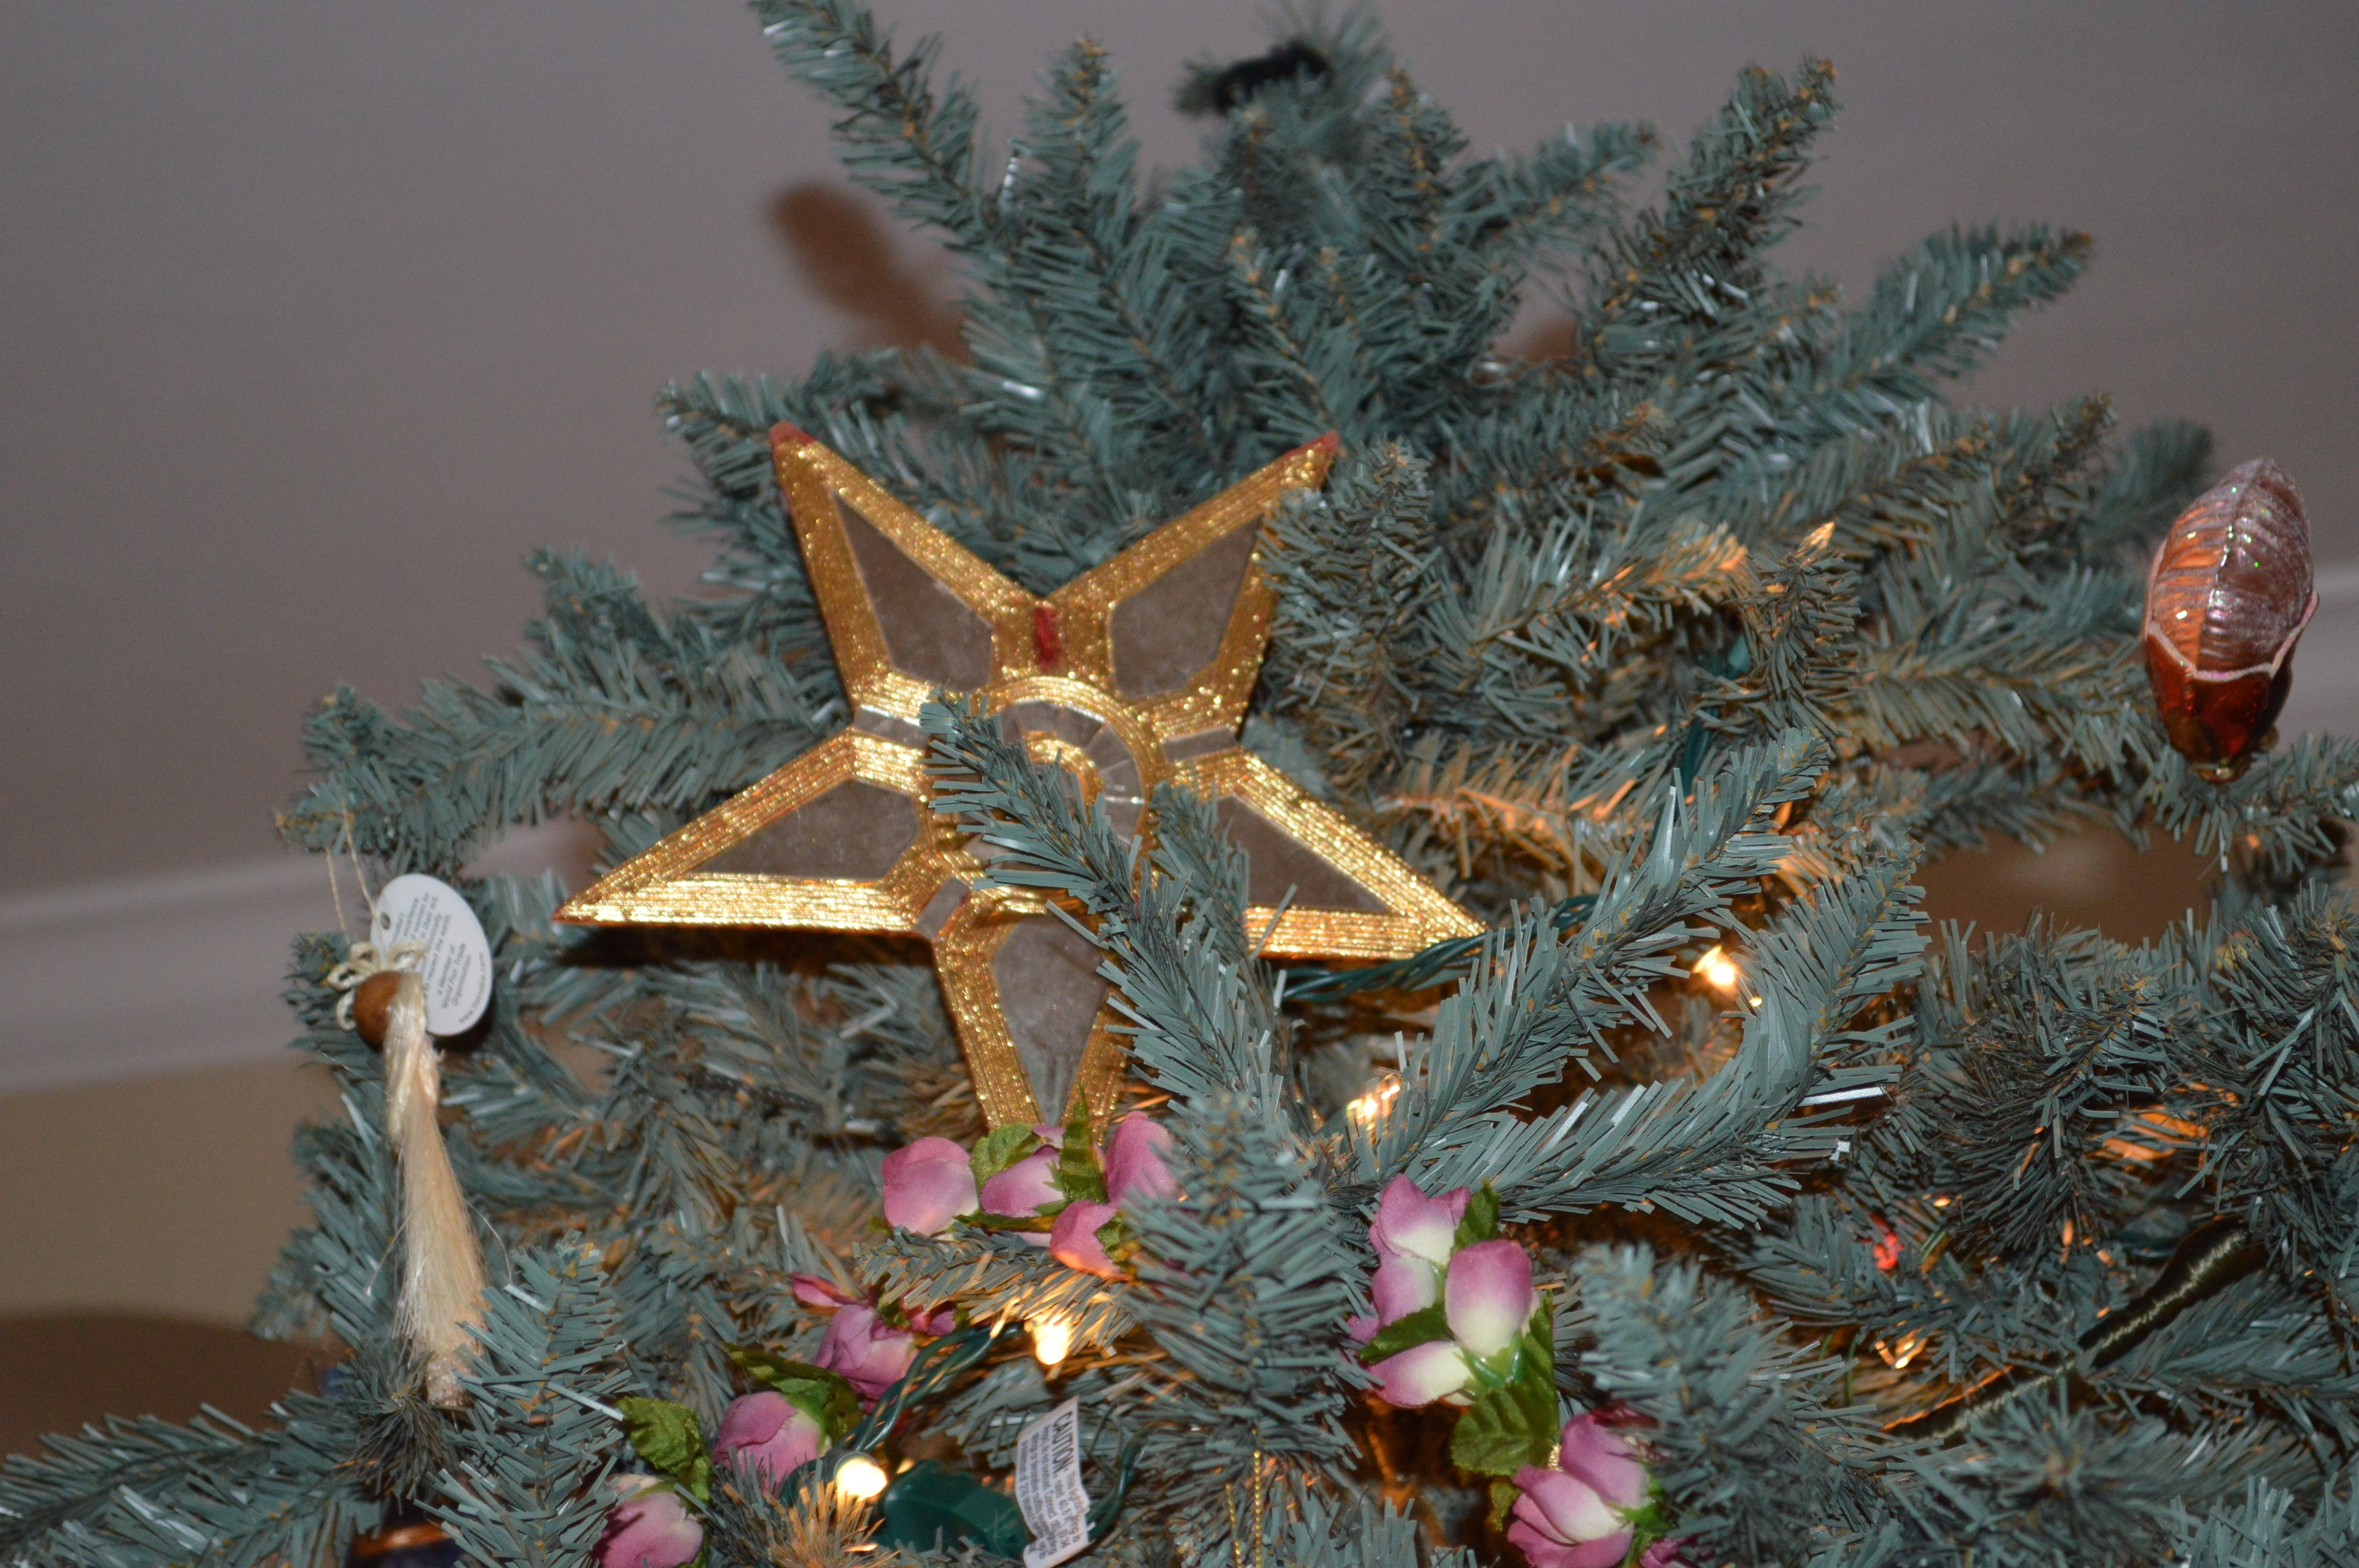 Hummel christmas tree ornaments - Sherrykerry19851st 1stfrom Betty Starweusedintheearlyyears